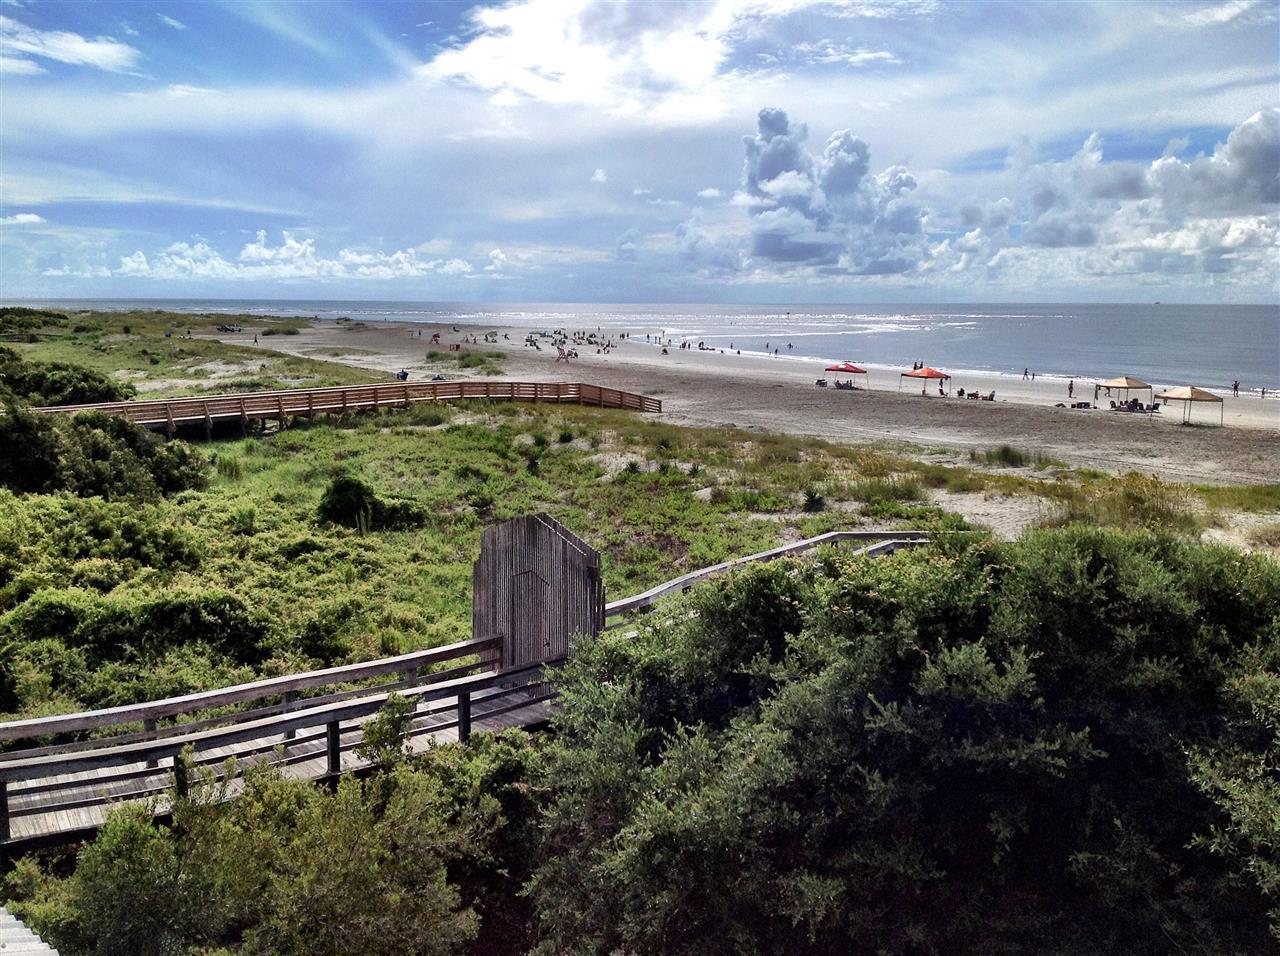 East Beach View - Public Beach Access